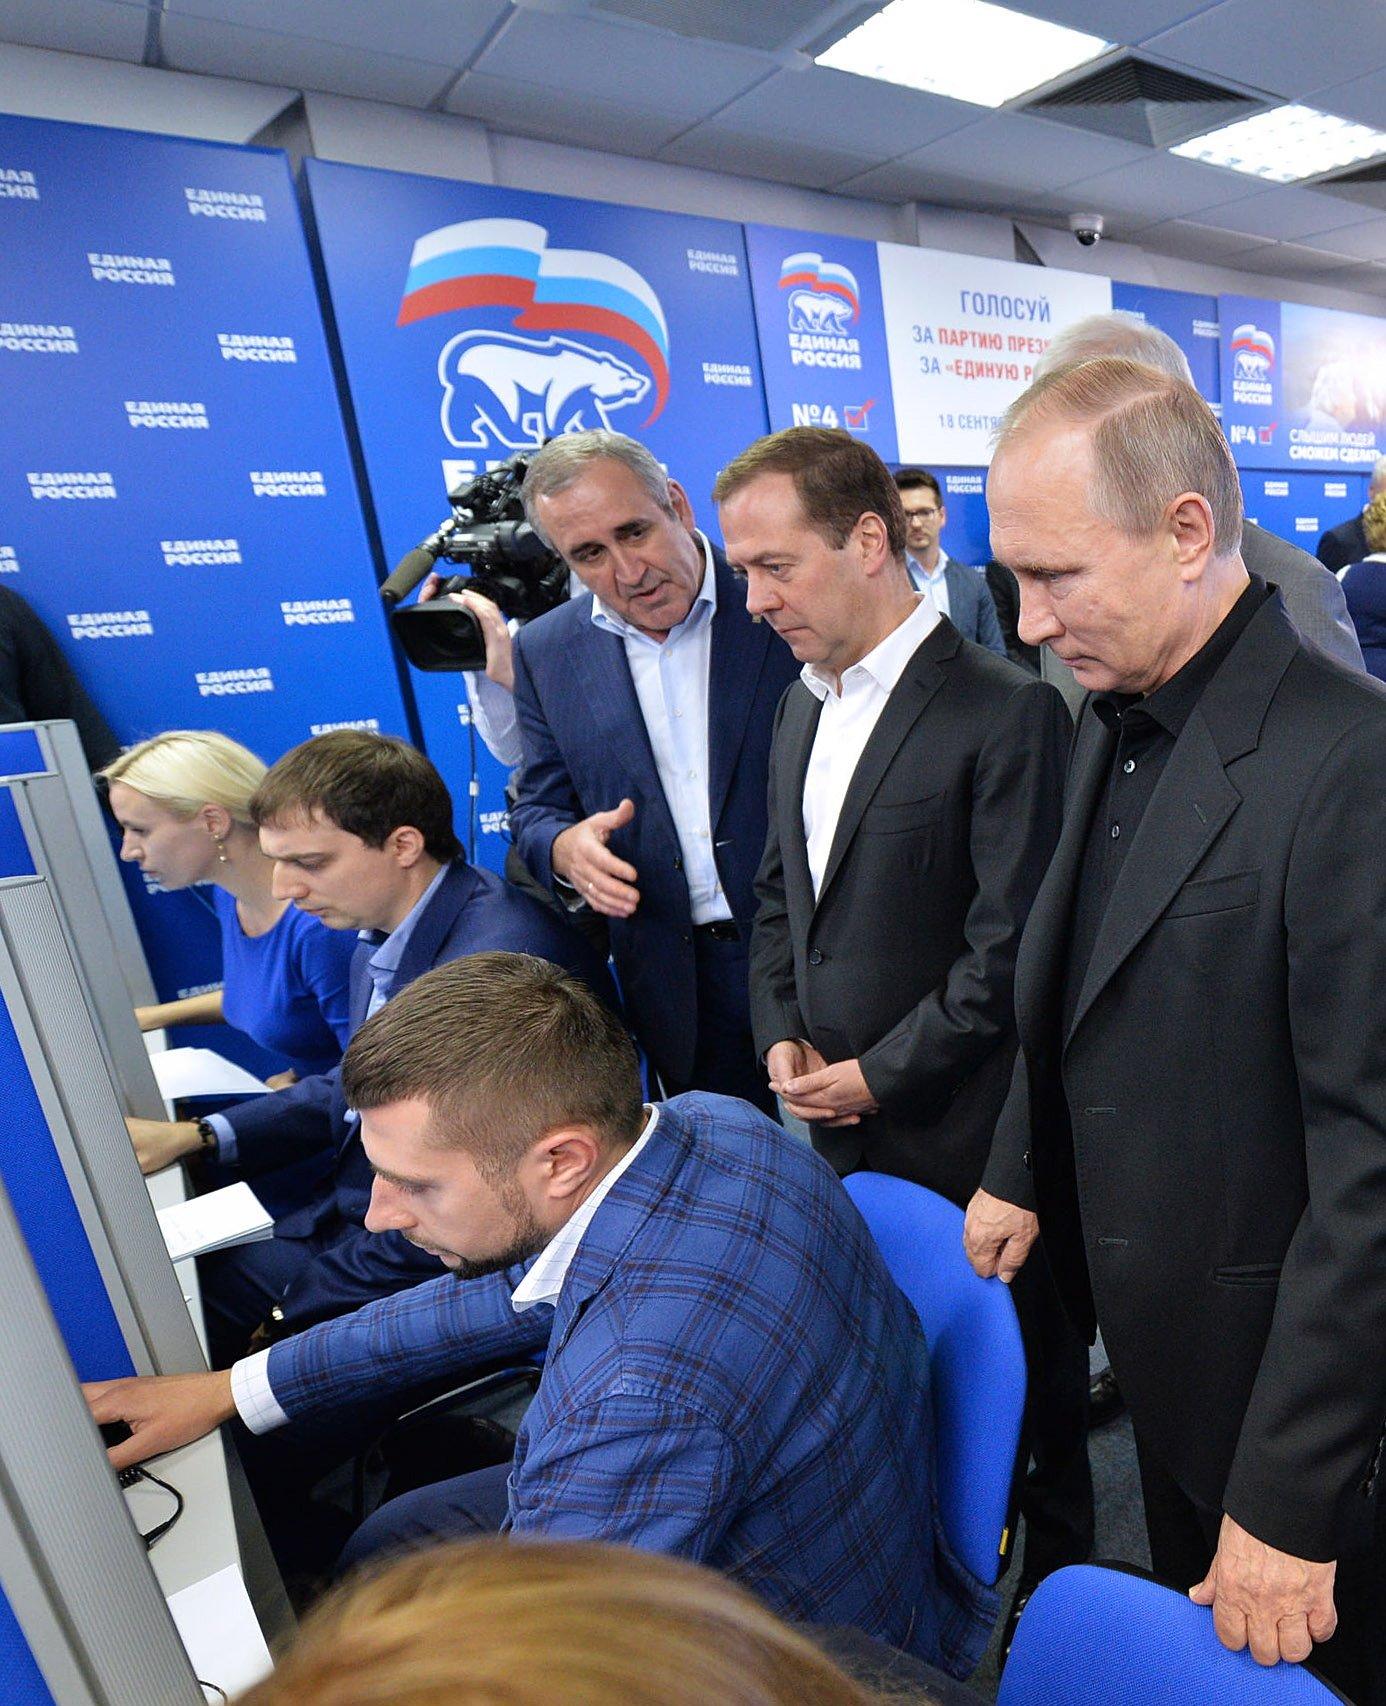 Состав единой россии в госдуме фото